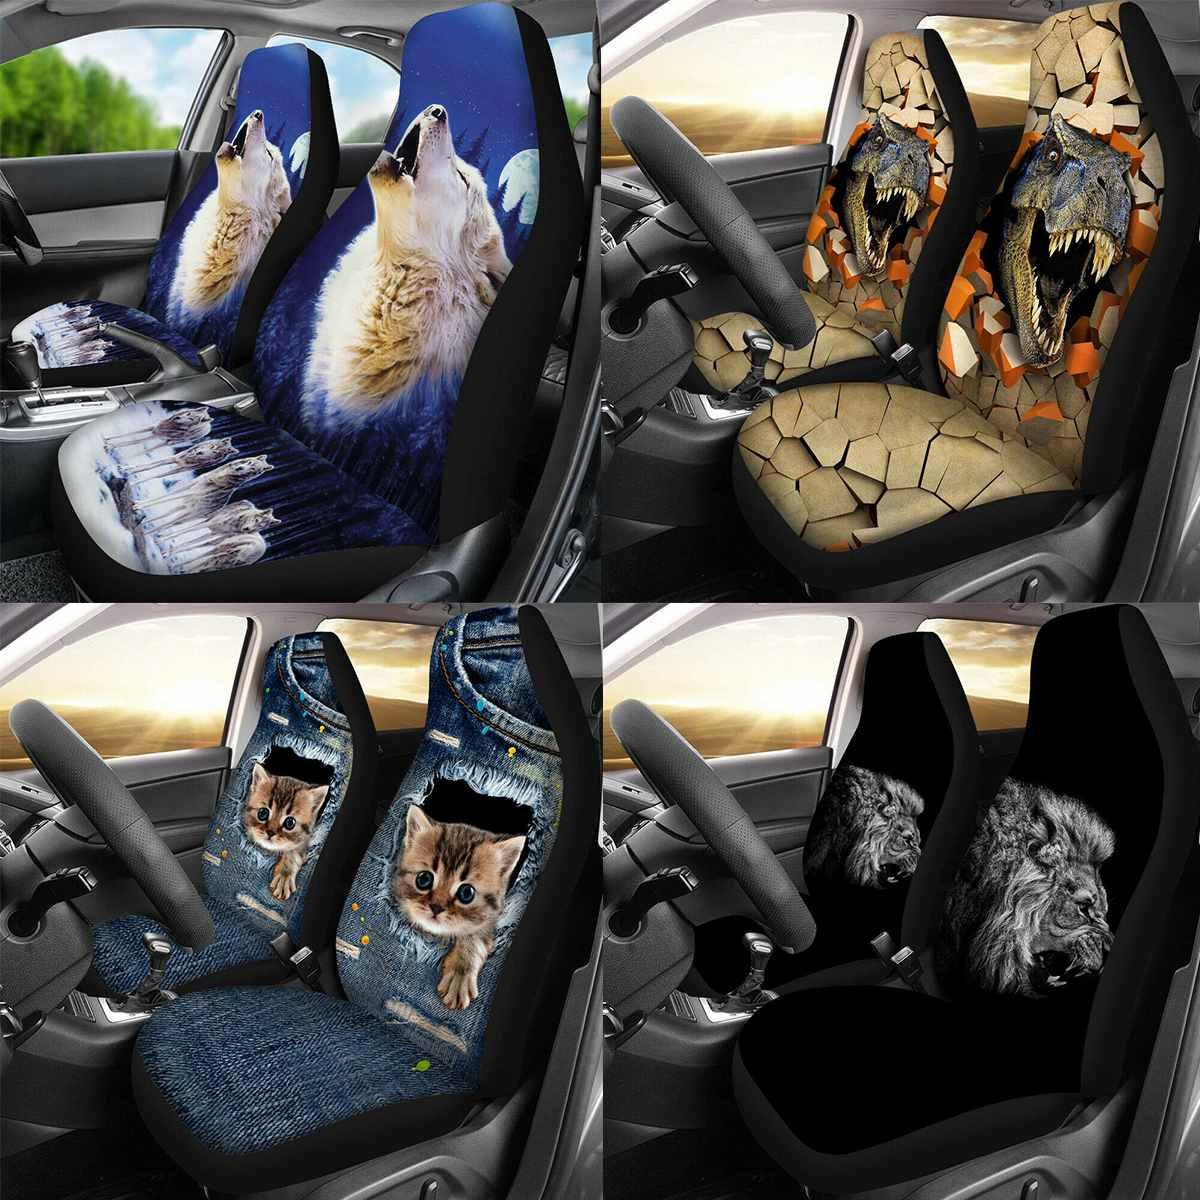 3D Animal loup impression universel siège de voiture couvre voiture style Auto siège couverture voiture complet siège couverture protecteur intérieur accessoires